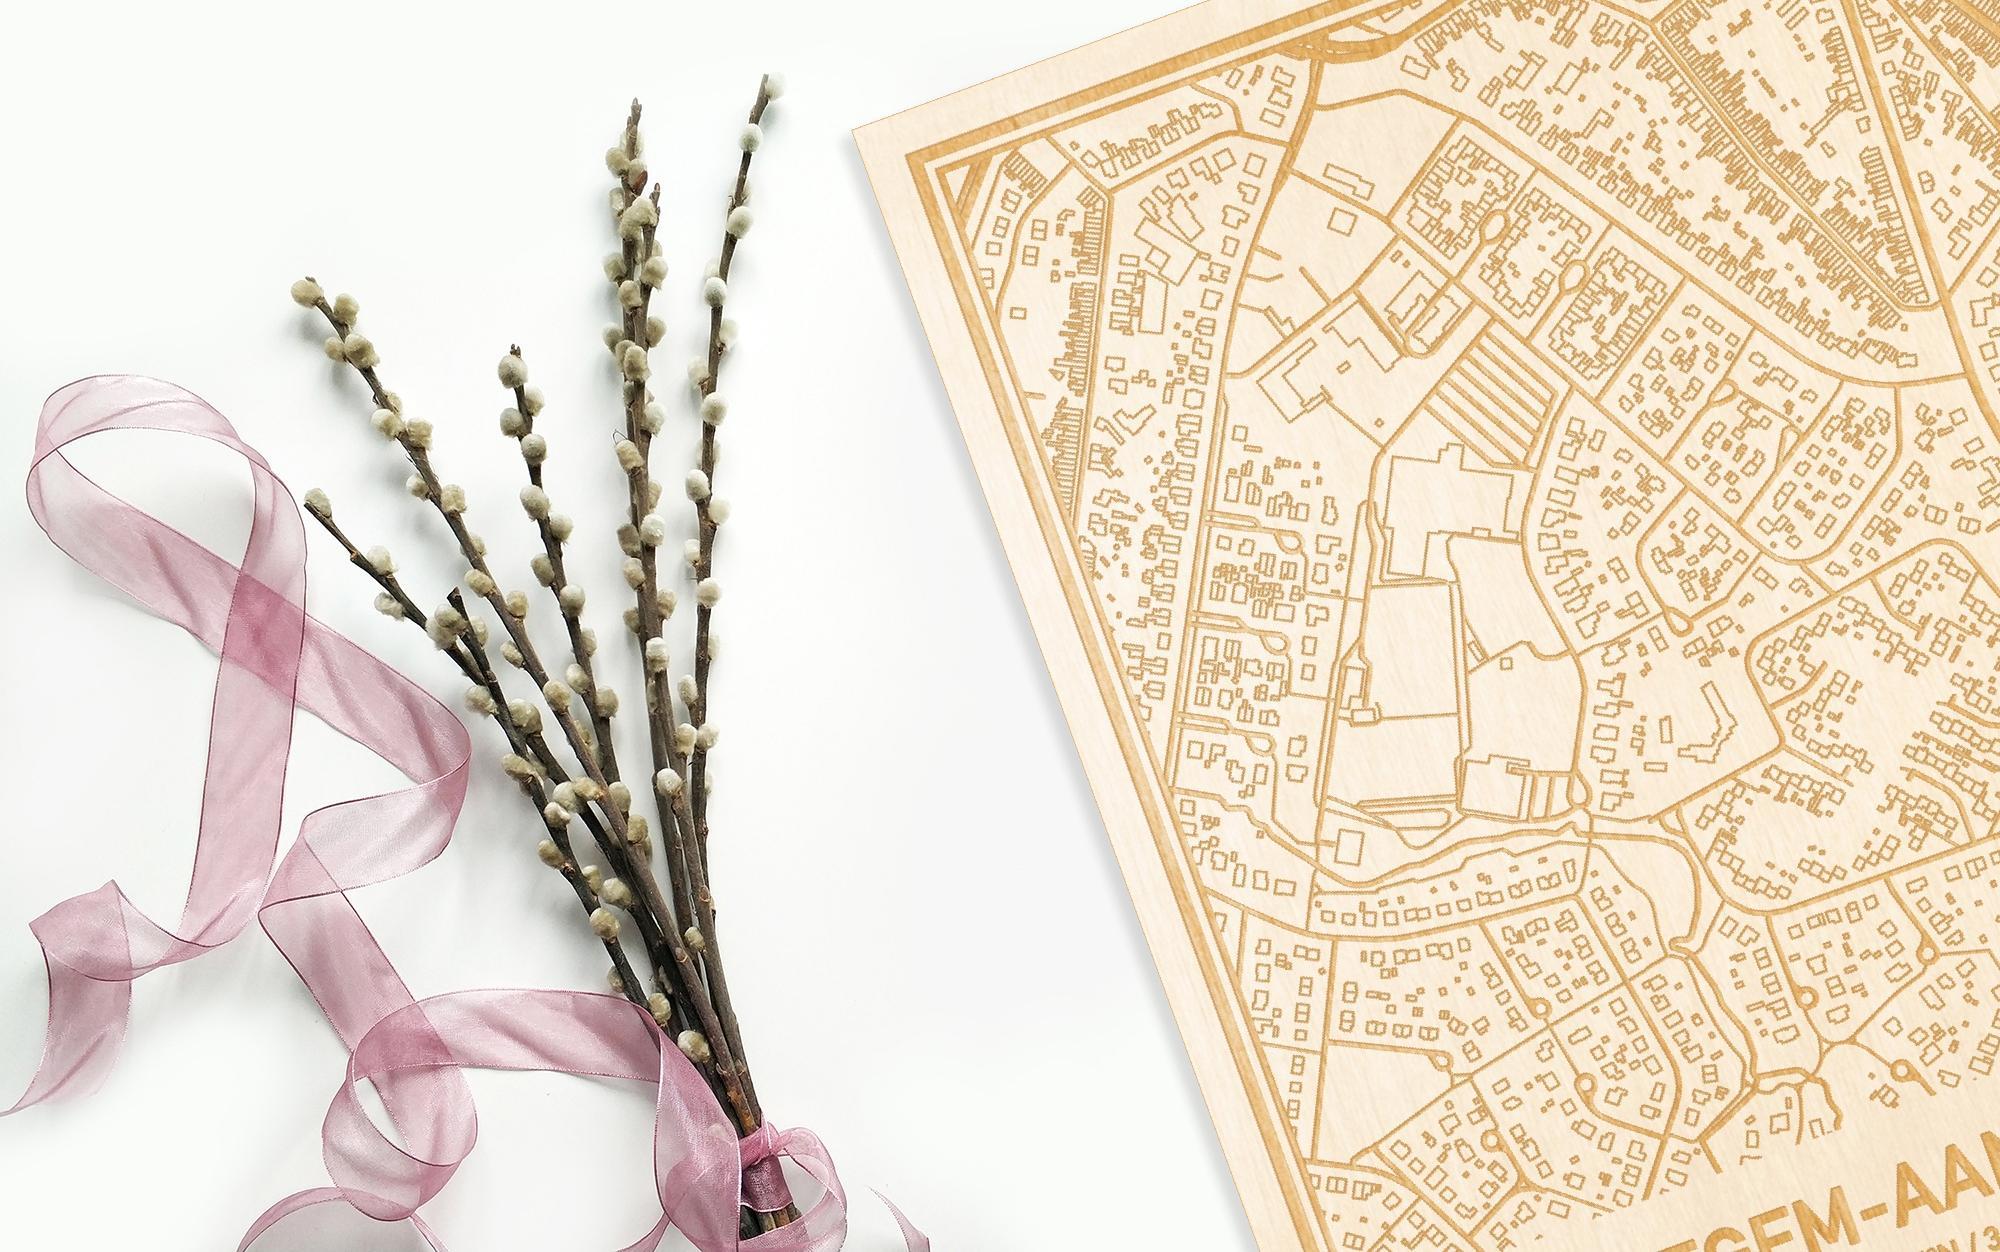 Hier ligt de houten plattegrond Petegem-Aan-De-Leie naast een bloemetje als gepersonaliseerd cadeau voor haar.